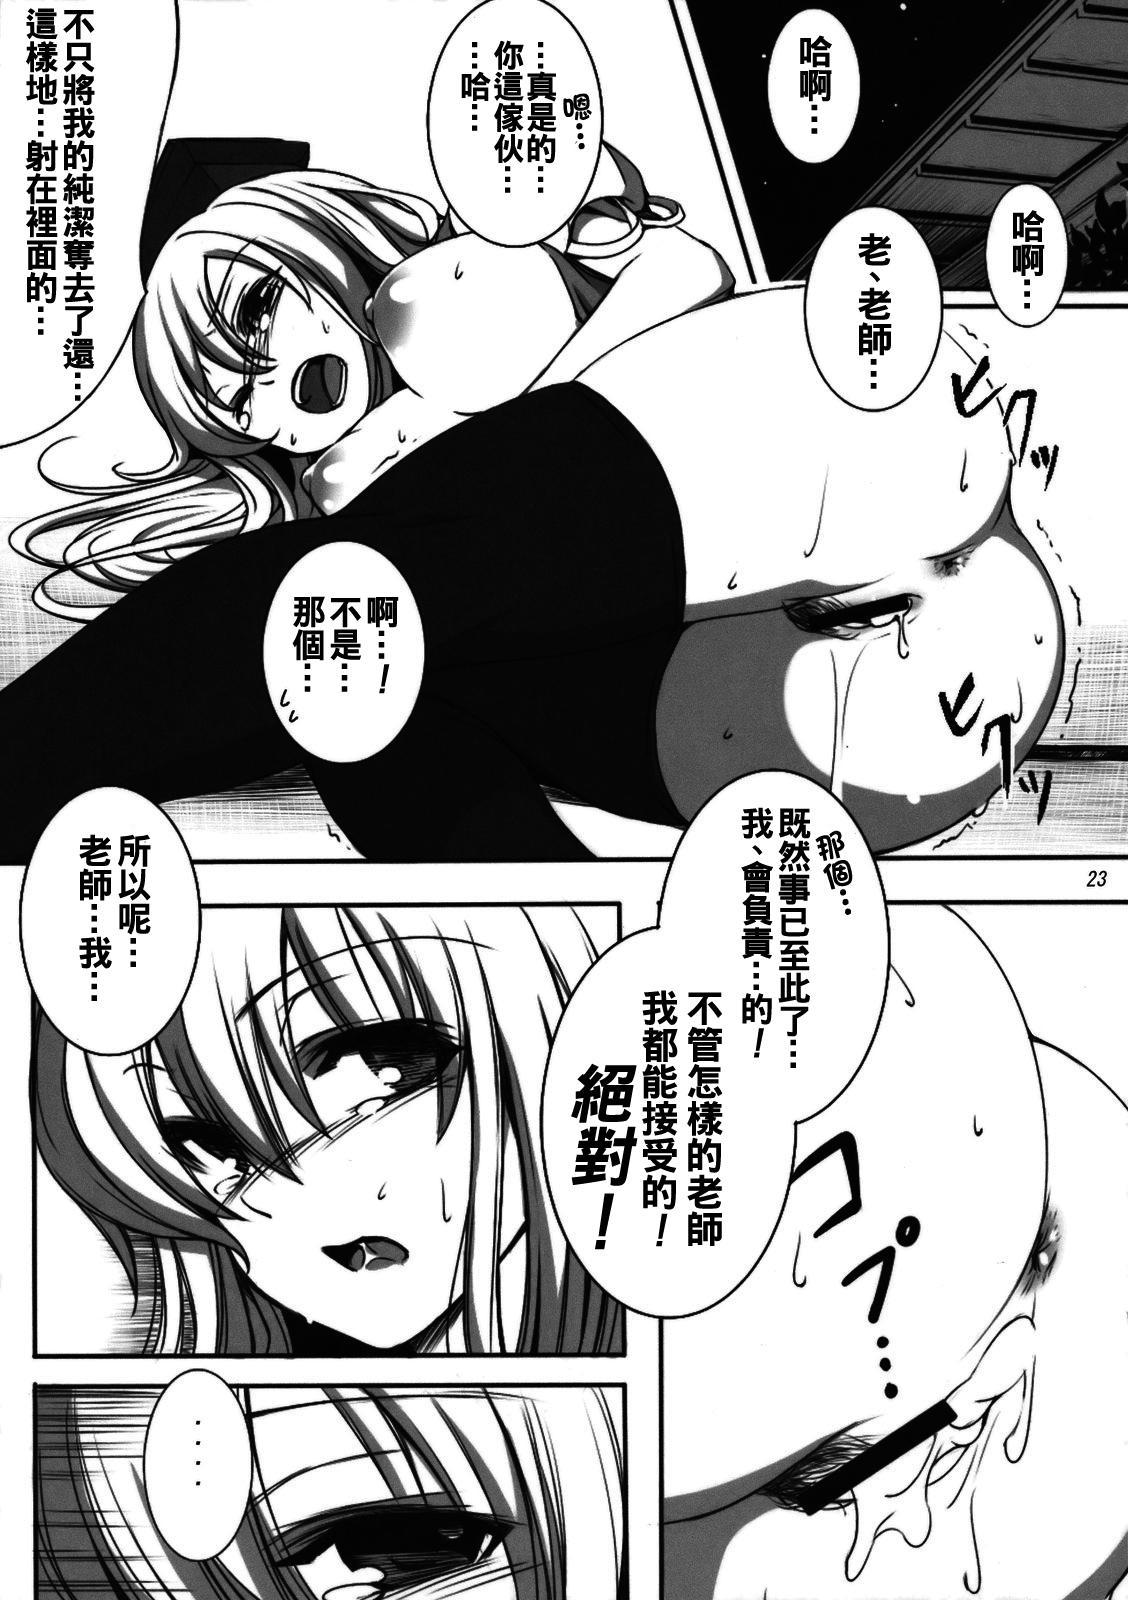 Kanojo no Himitsu 23